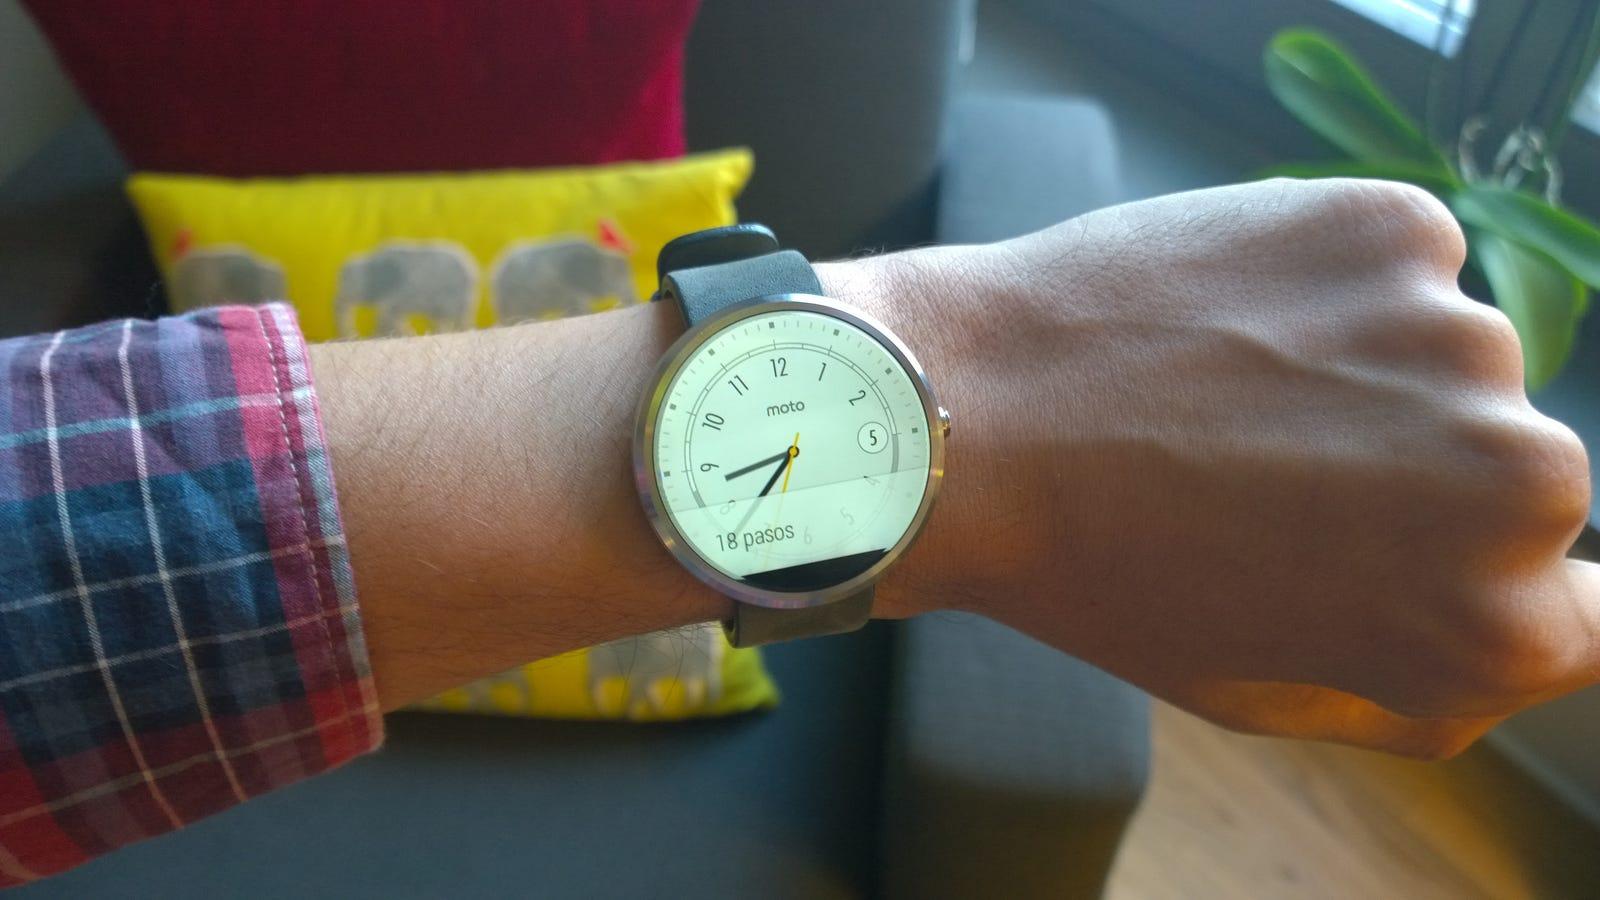 Probamos el Moto 360: un reloj espectacular (para muñecas enormes)